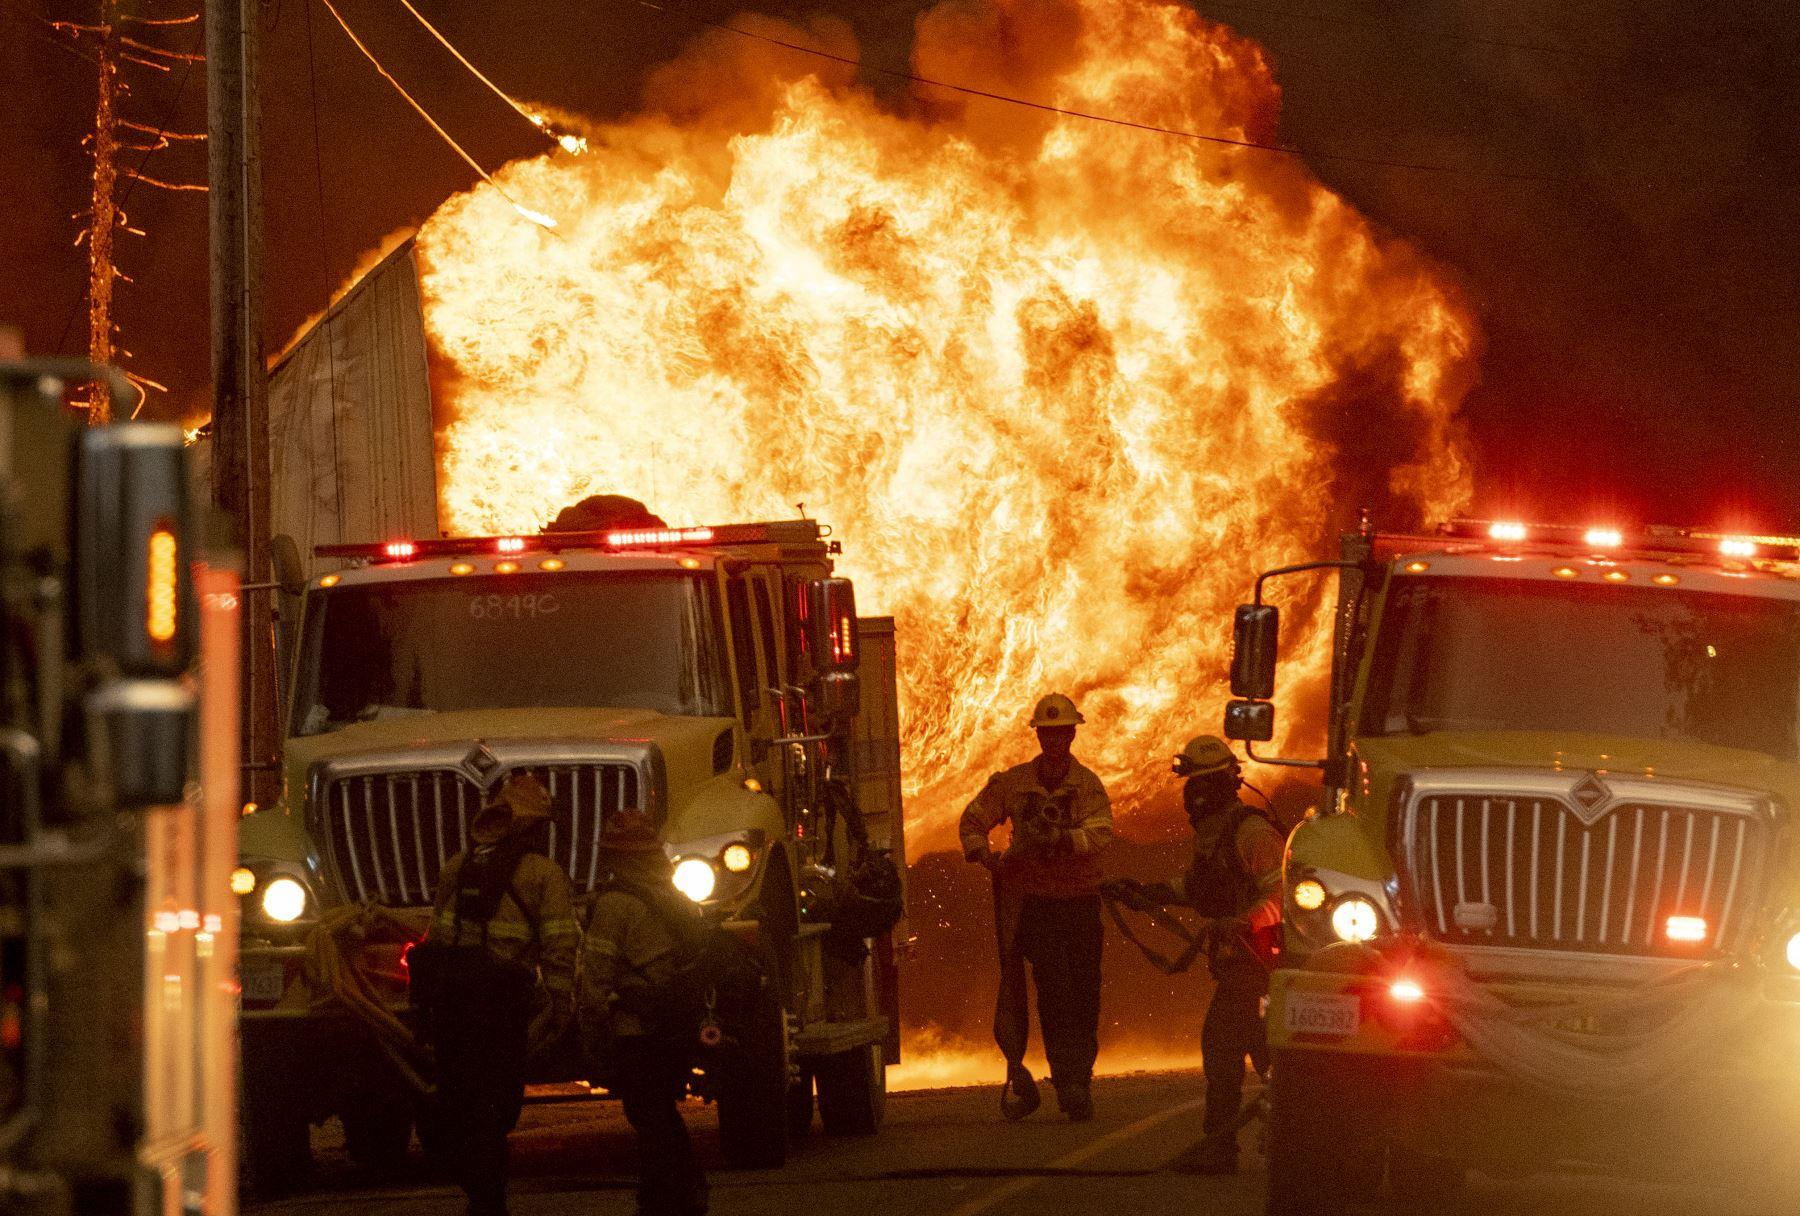 Bomberos trabajan, mientras una casa está envuelta en llamas en Greenville, California. Foto: AFP